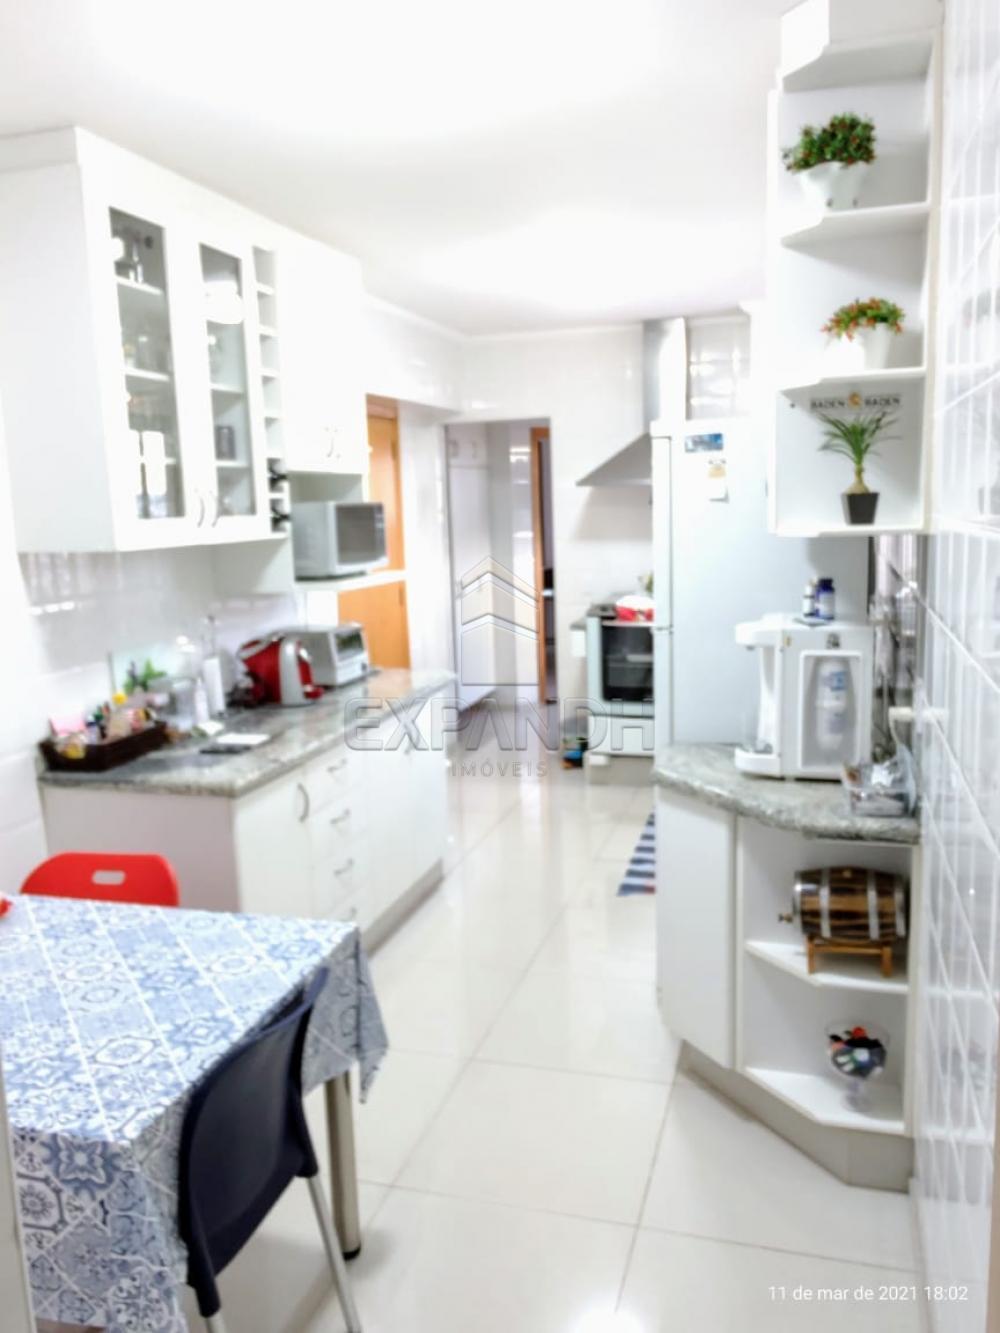 Comprar Apartamentos / Padrão em Sertãozinho R$ 590.000,00 - Foto 9